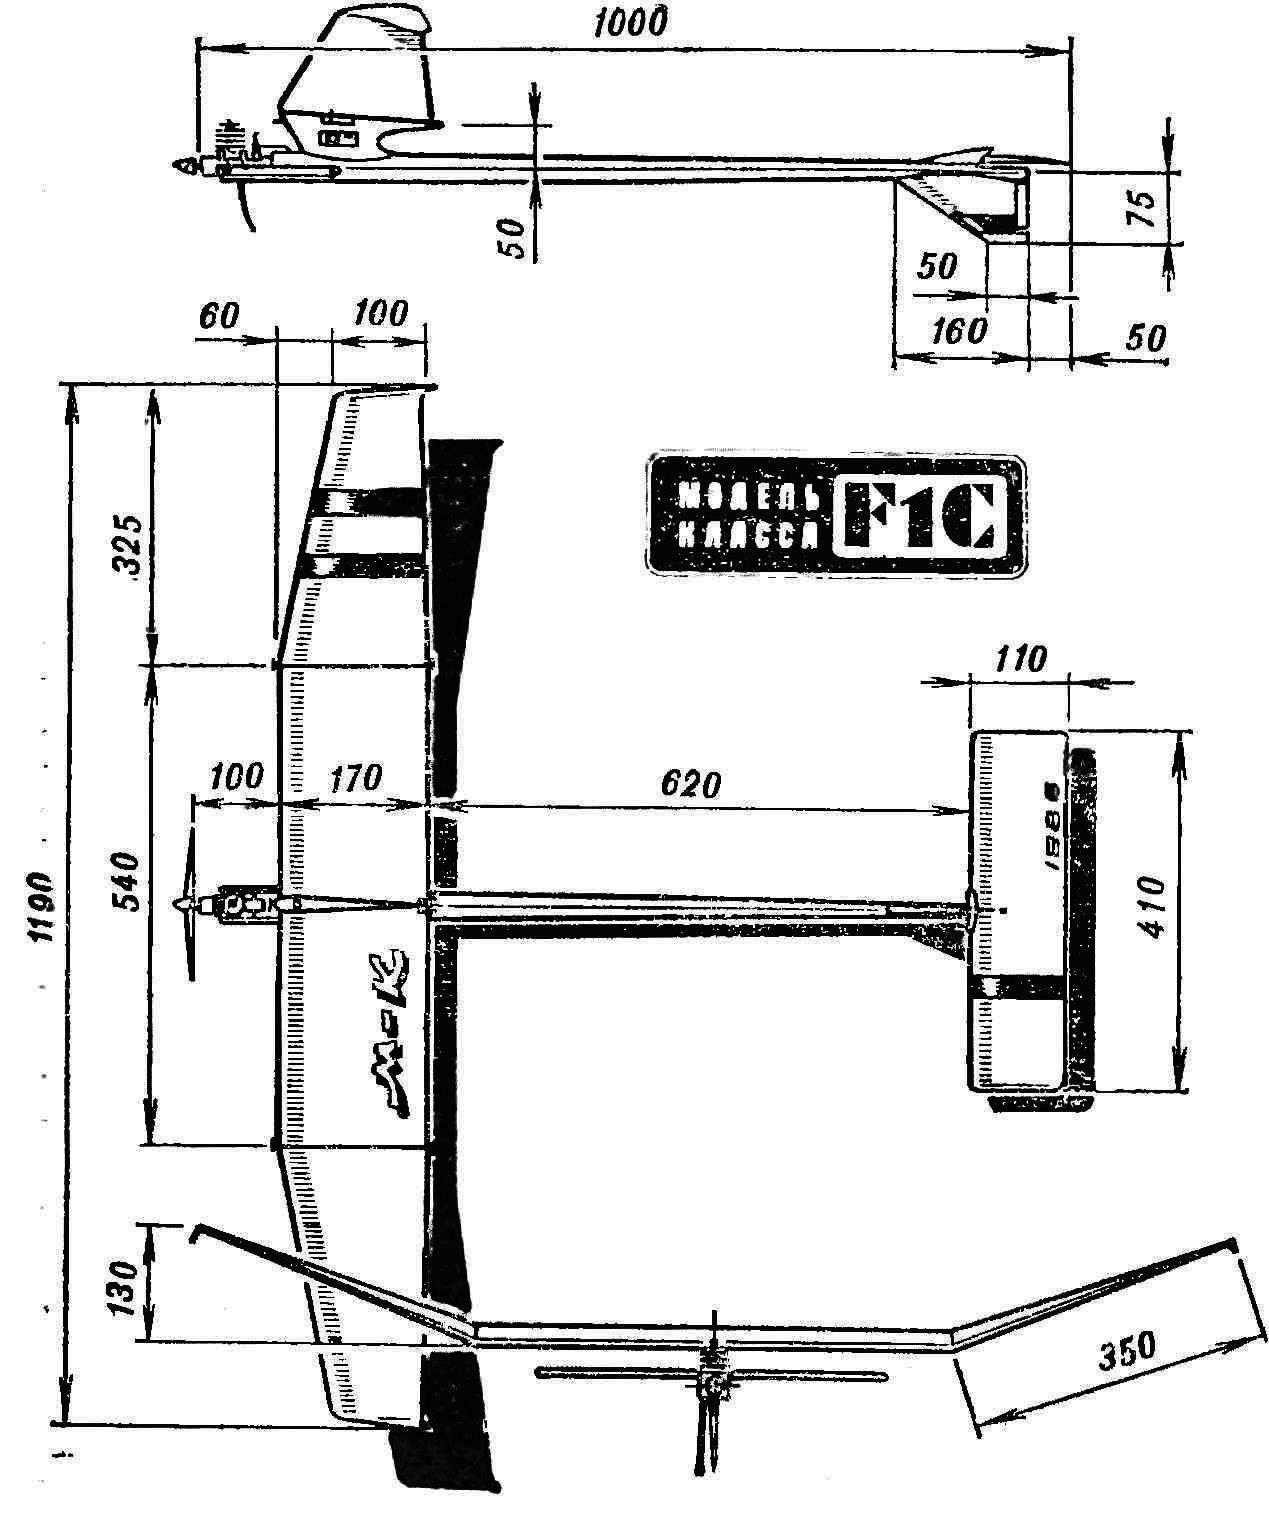 Рис. 1. Таймериая свободолетающая авиамодель с двигателем рабочим объемом 1,5 см3